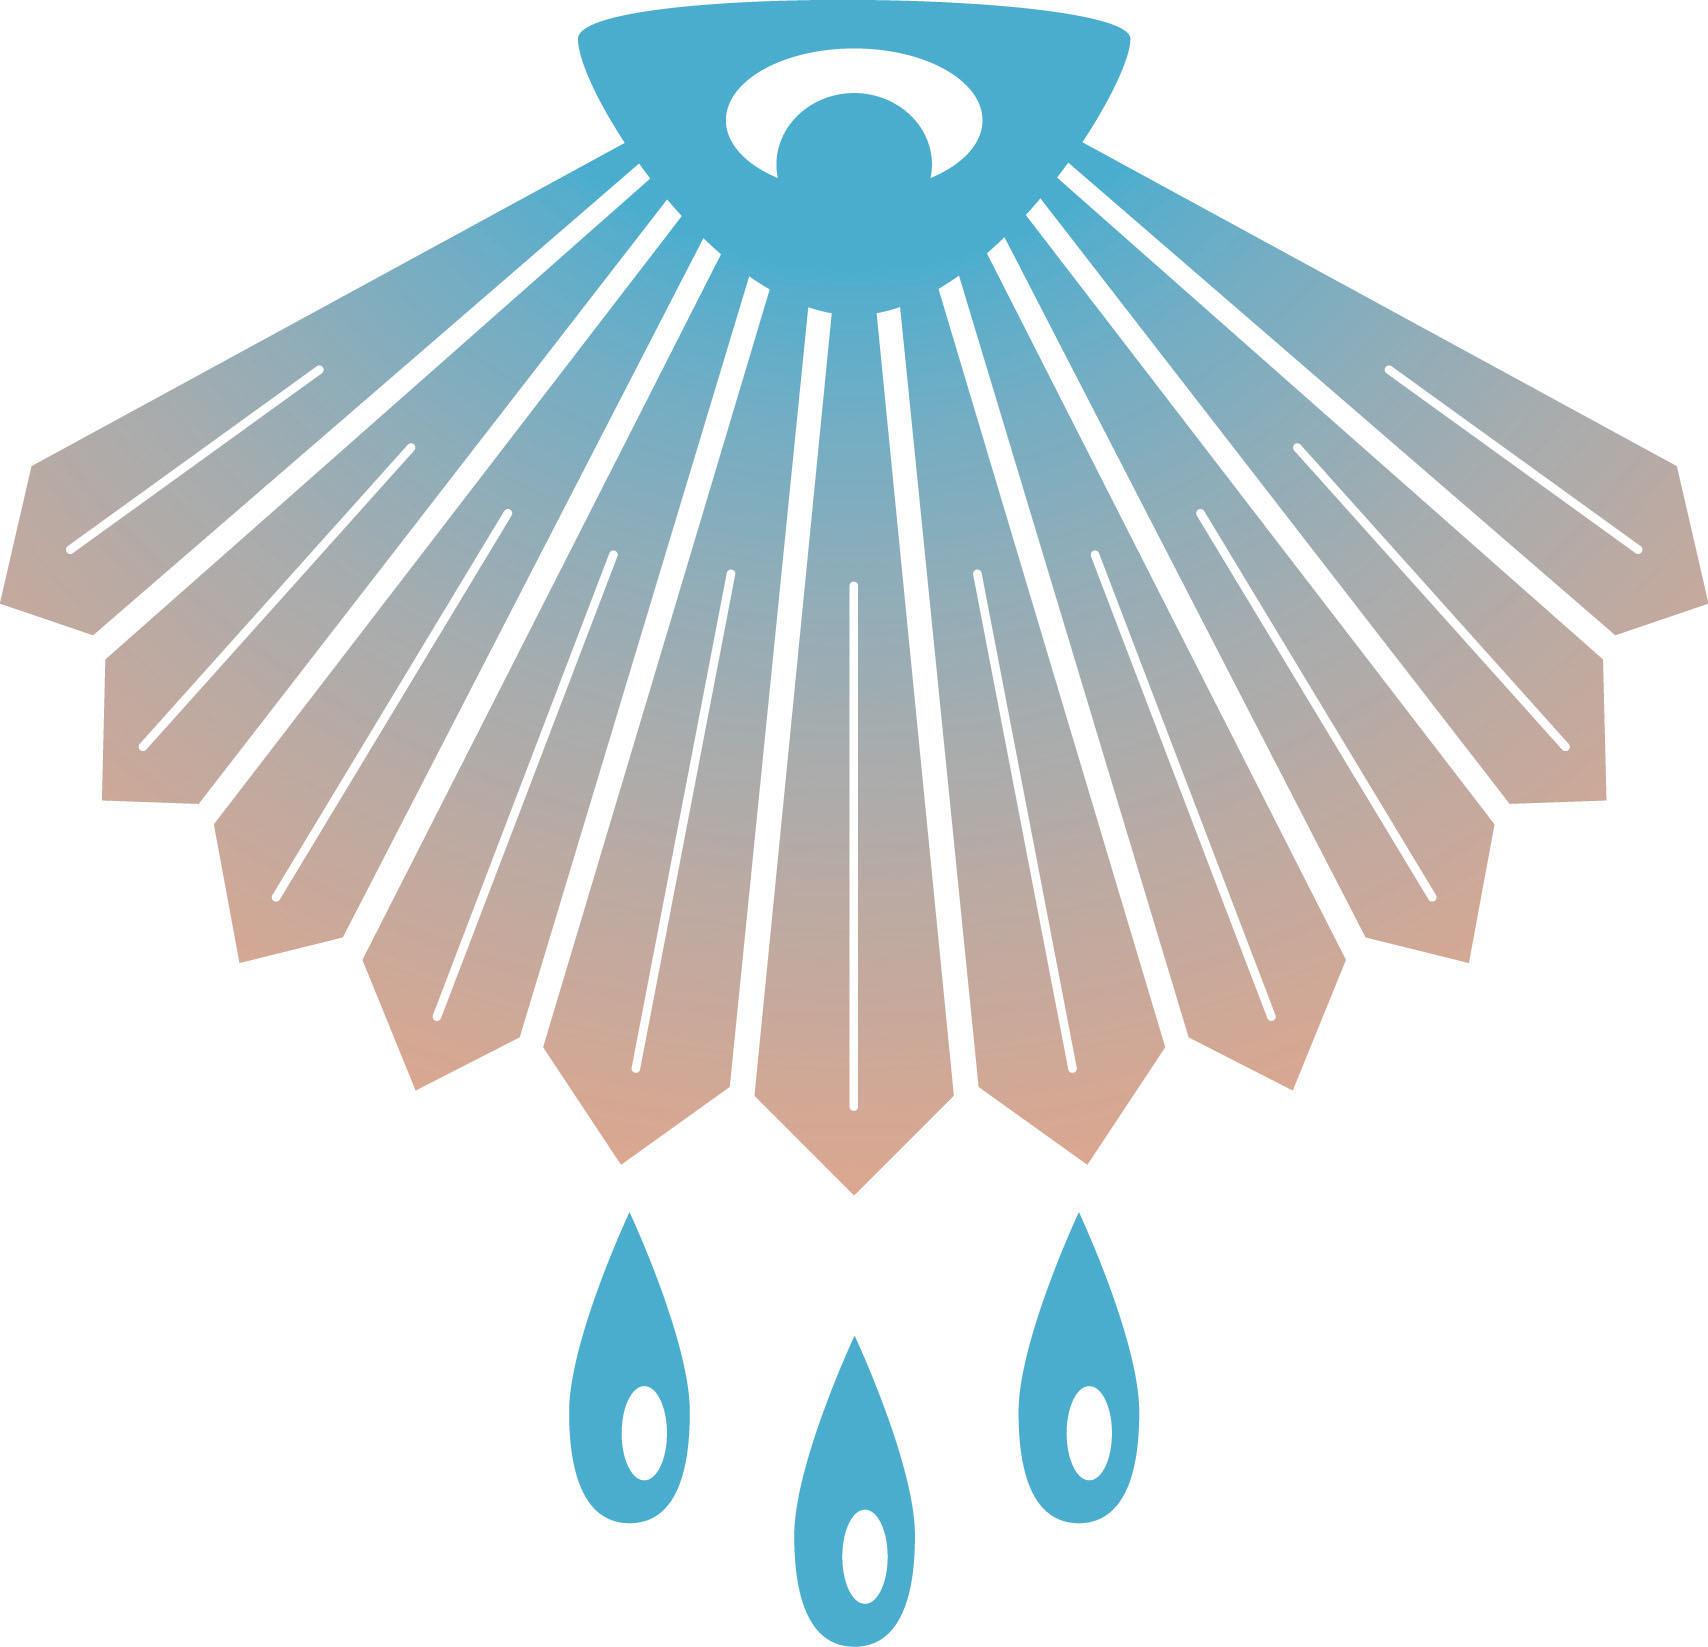 Catholic Sacrament Of Baptism Symbols free image.